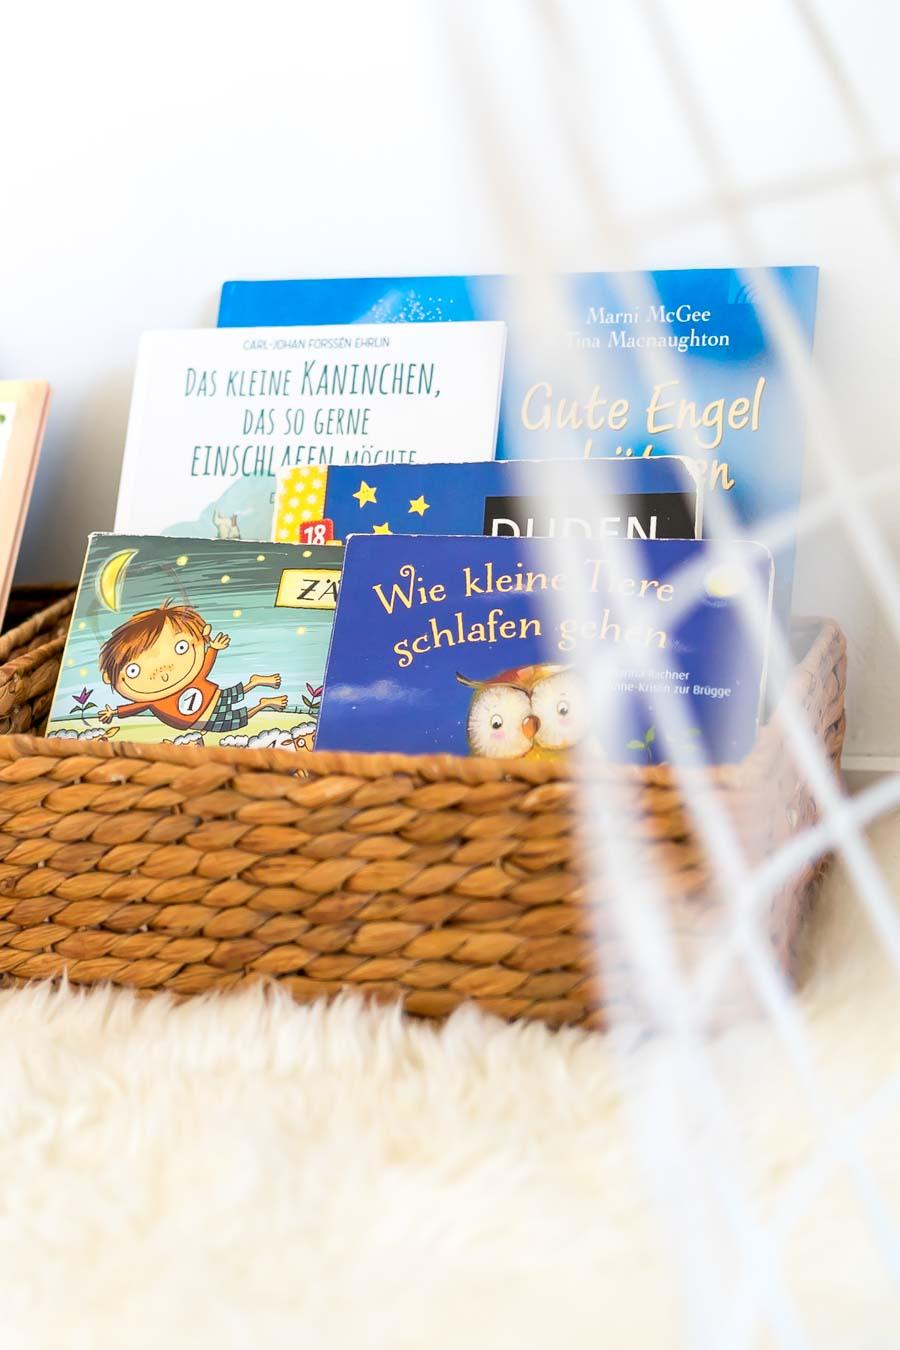 """Buchcover die nach vorne zeigen, laden eher zum Lesen von Kinderbüchern ein. // Aus dem Artikel """"7 Tipps, wie man ein Montessori Kinderzimmer einrichten kann, auch mit einem knappen Budget"""" Alles Ideen, die ihr sofort umsetzen könnt: www.chezmamapoule.com #montessori #vorbereiteteumgebung #montessorizuhause"""